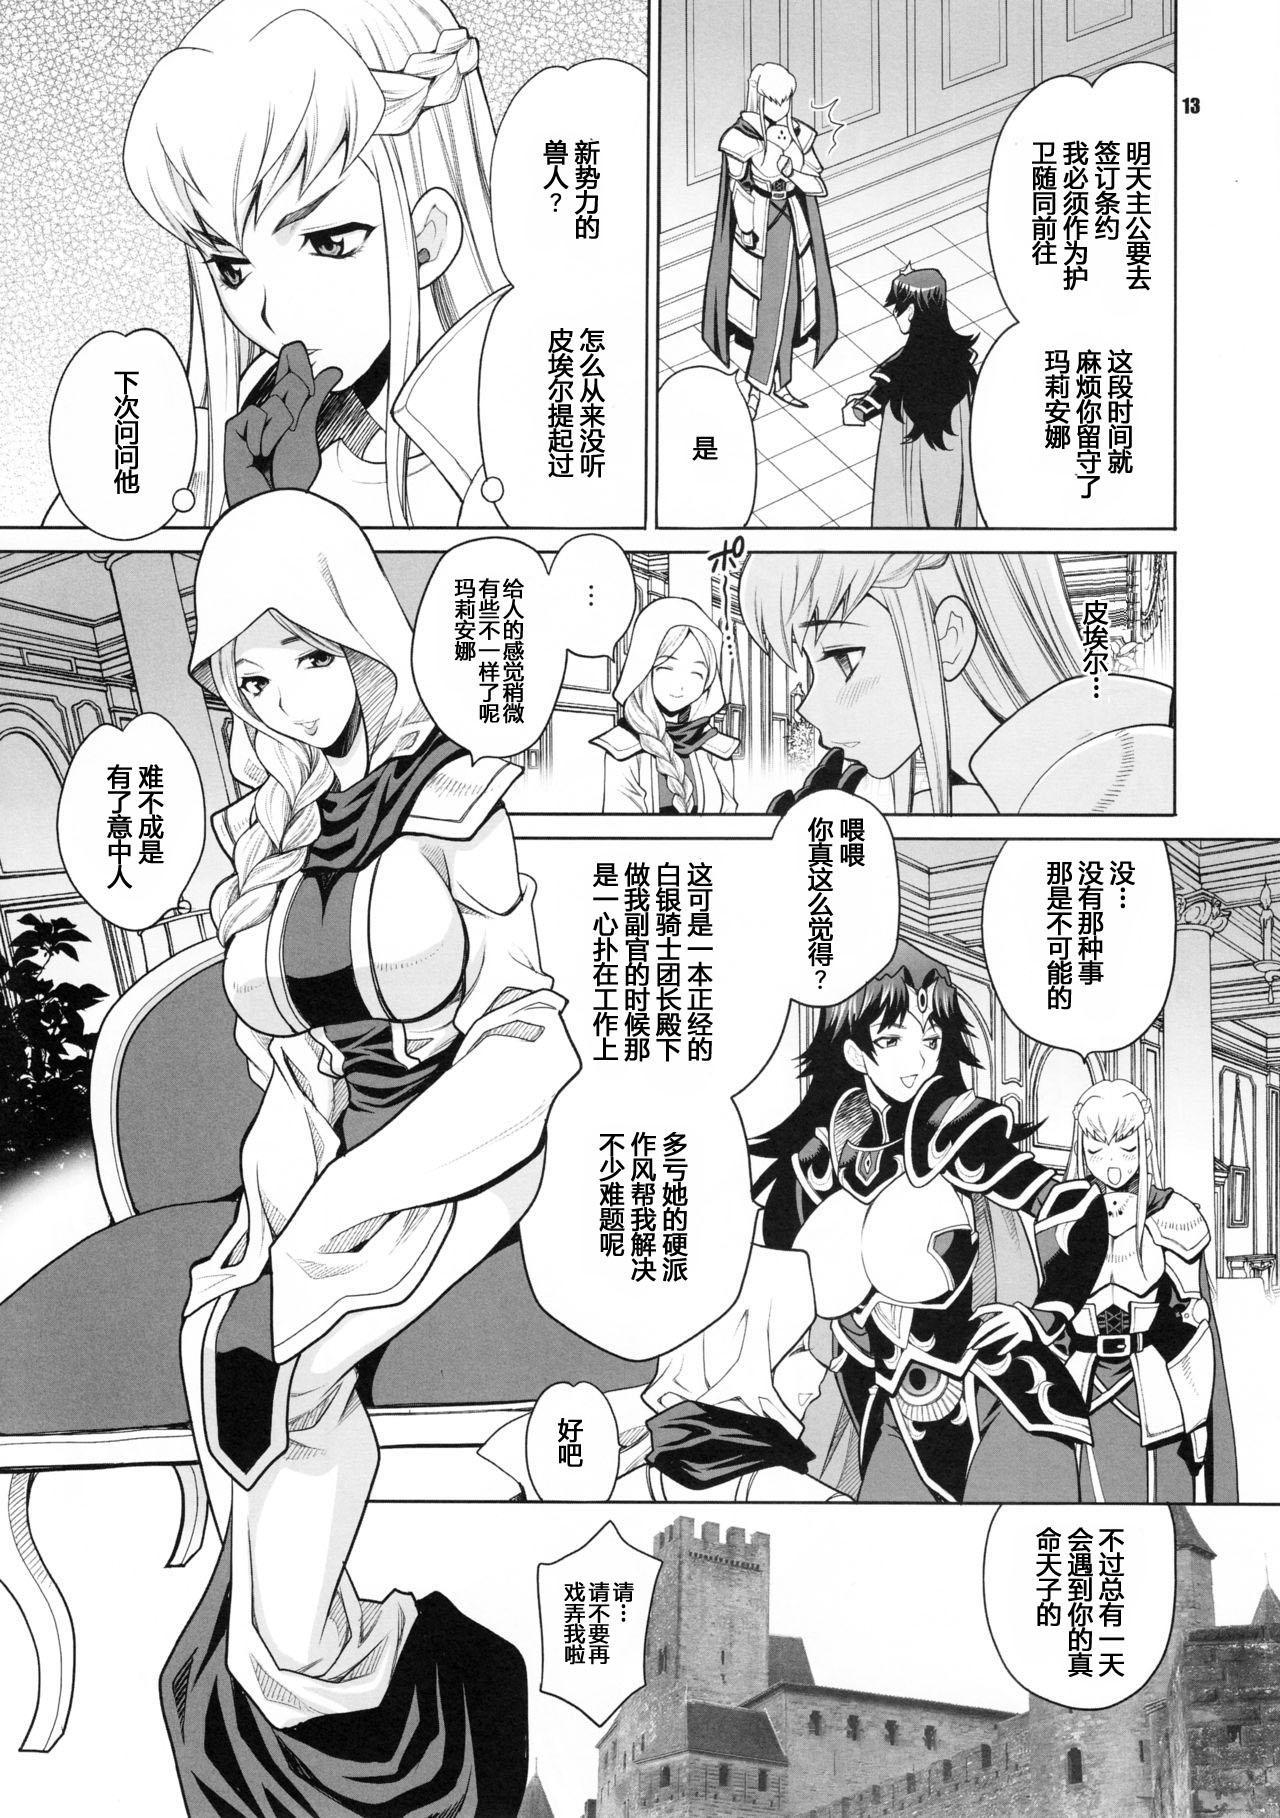 Yukiyanagi no Hon 38 Buta to Onnakishi 2 - Onnakishi wa Elf Shounen ga Okiniiri 11